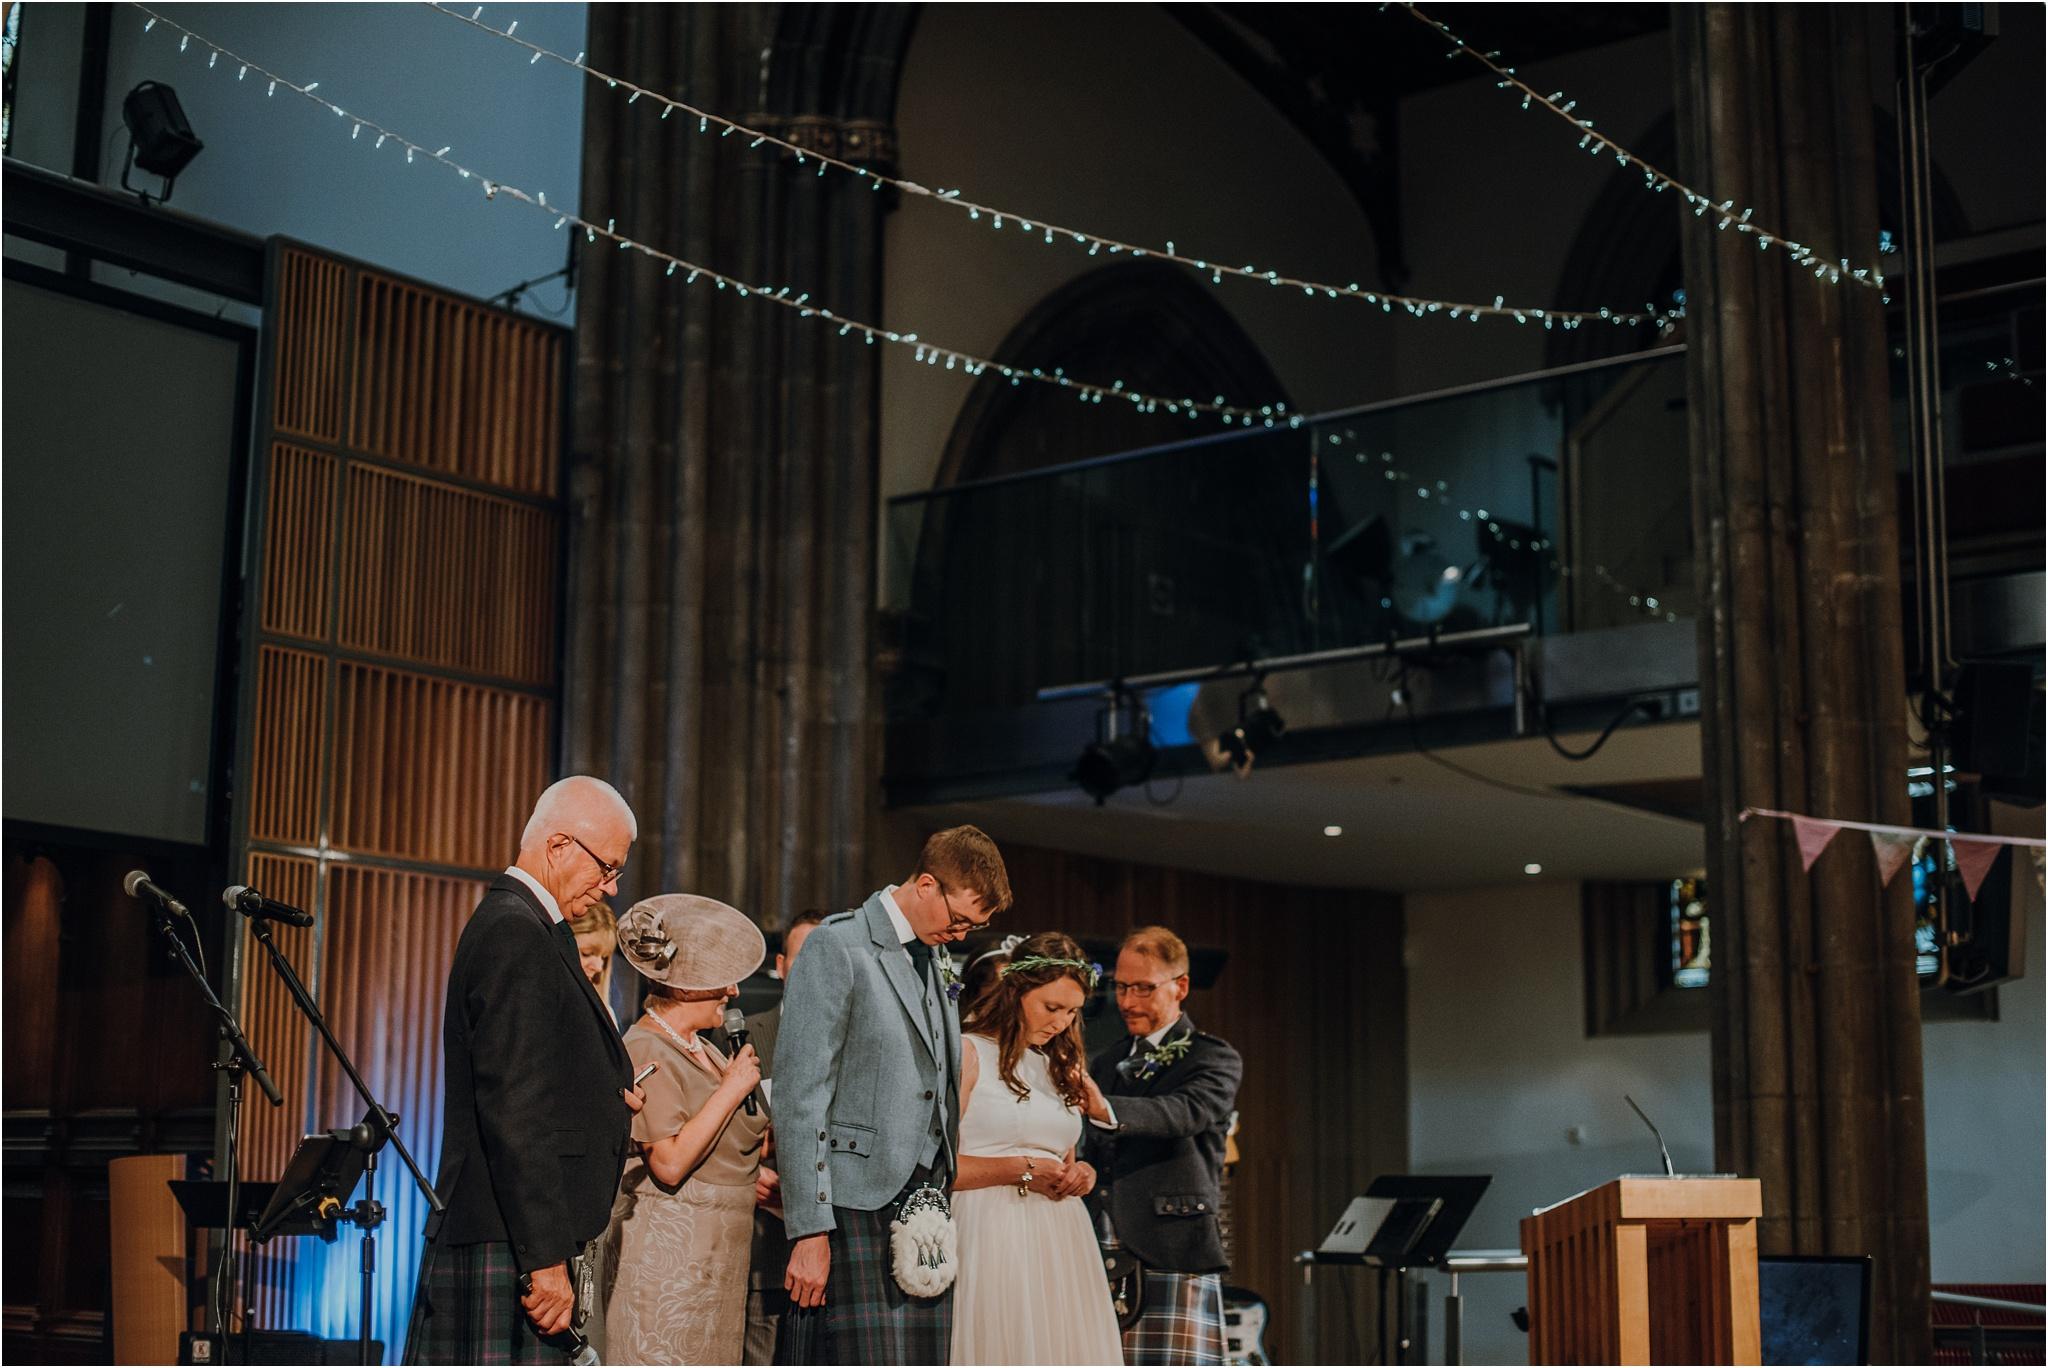 Edinburgh-barn-wedding-photographer_48.jpg